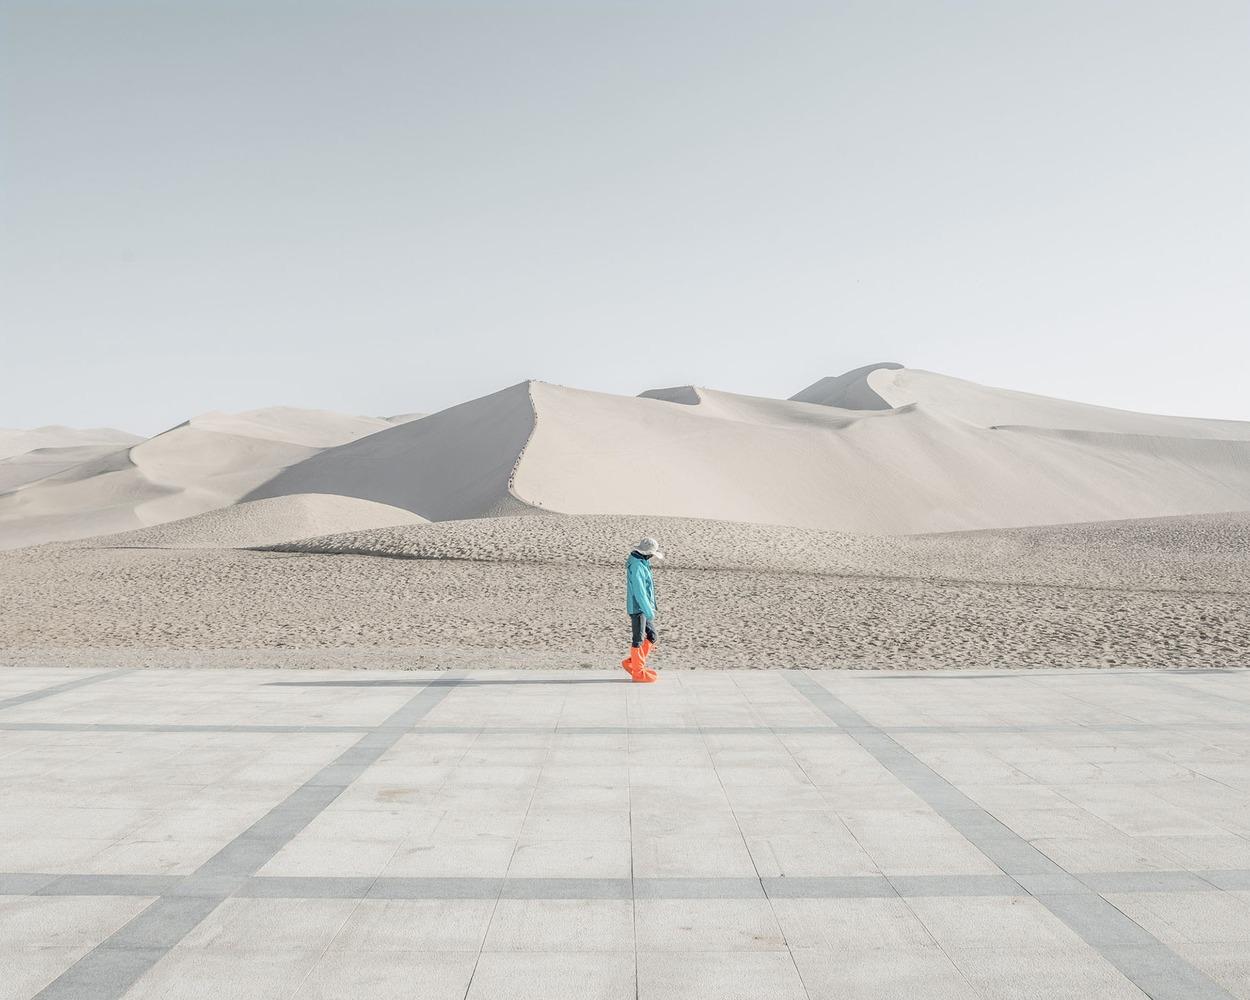 Неземные фотографии пустыни Гоби (Gobi)